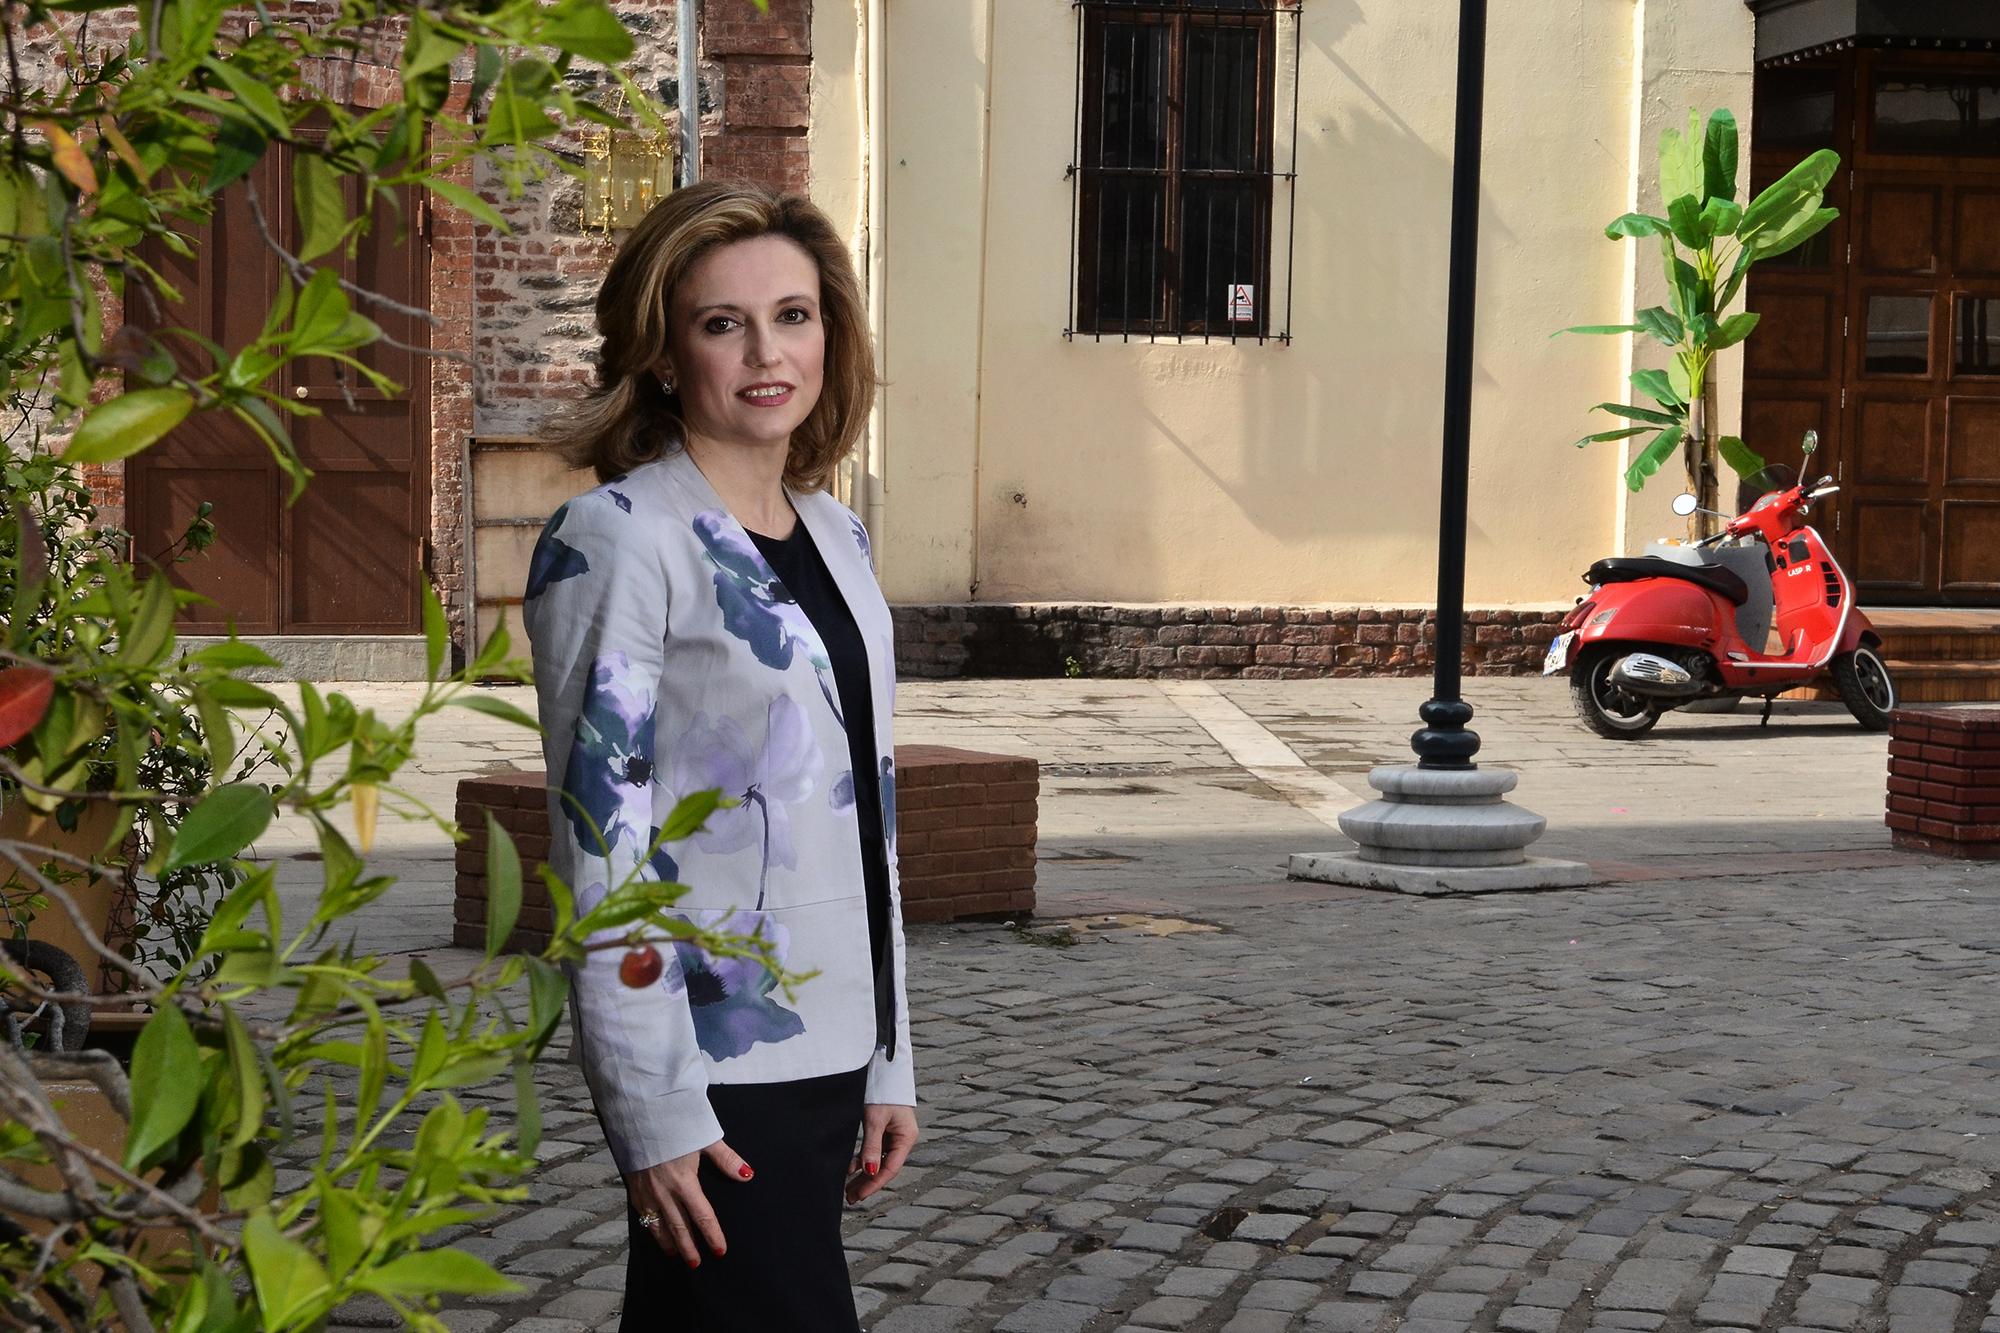 Η Πρόεδρος του ΣΠΕΚ, Σίσσυ Σιγιουλτζή-Ρουκά